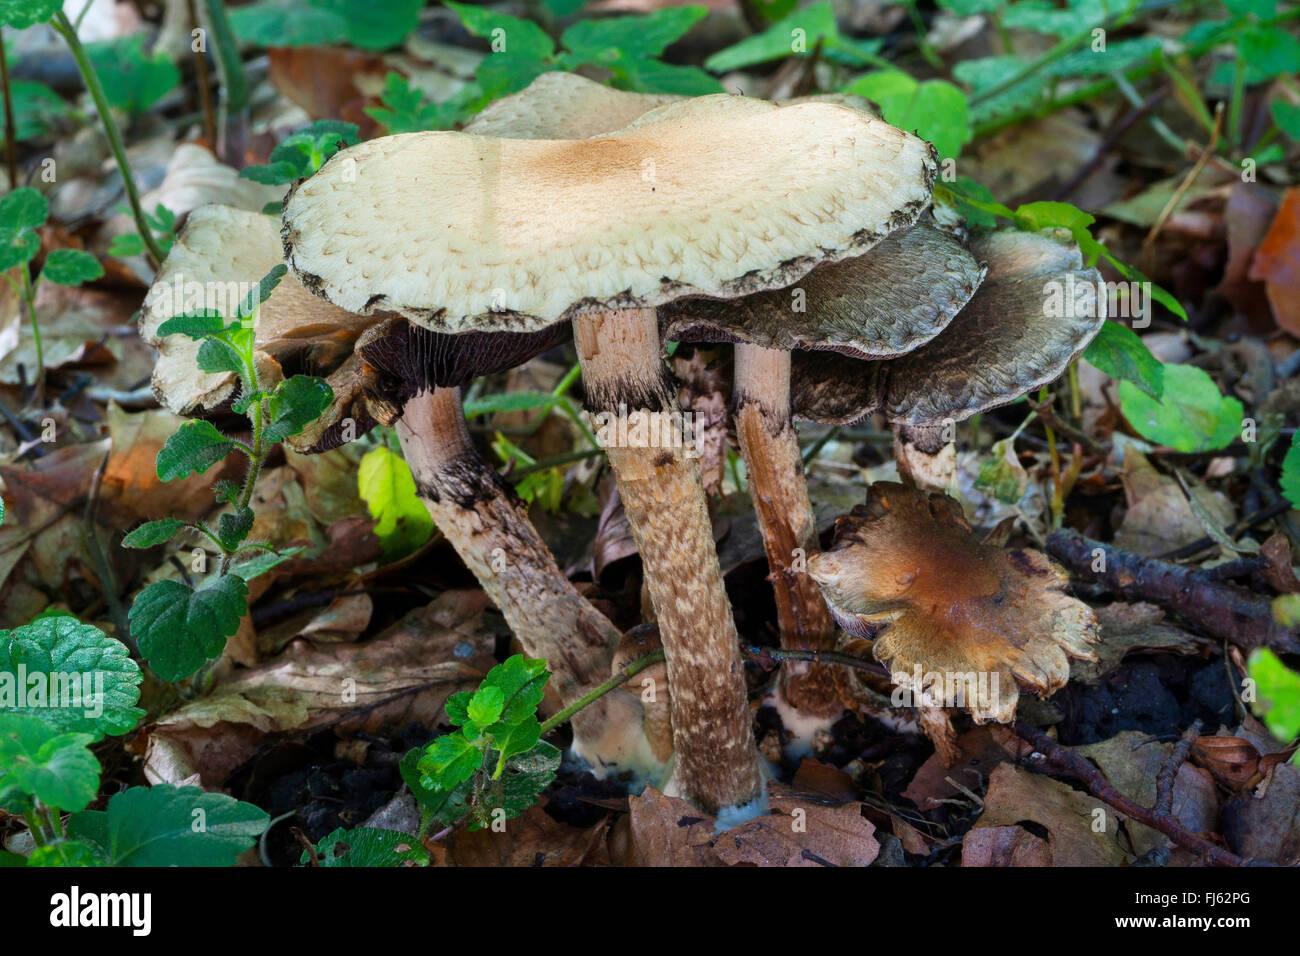 Viuda llorosa, Psathyrella lacrymabunda (Lacrymaria lacrymabunda), órganos de fructificación en terreno Imagen De Stock